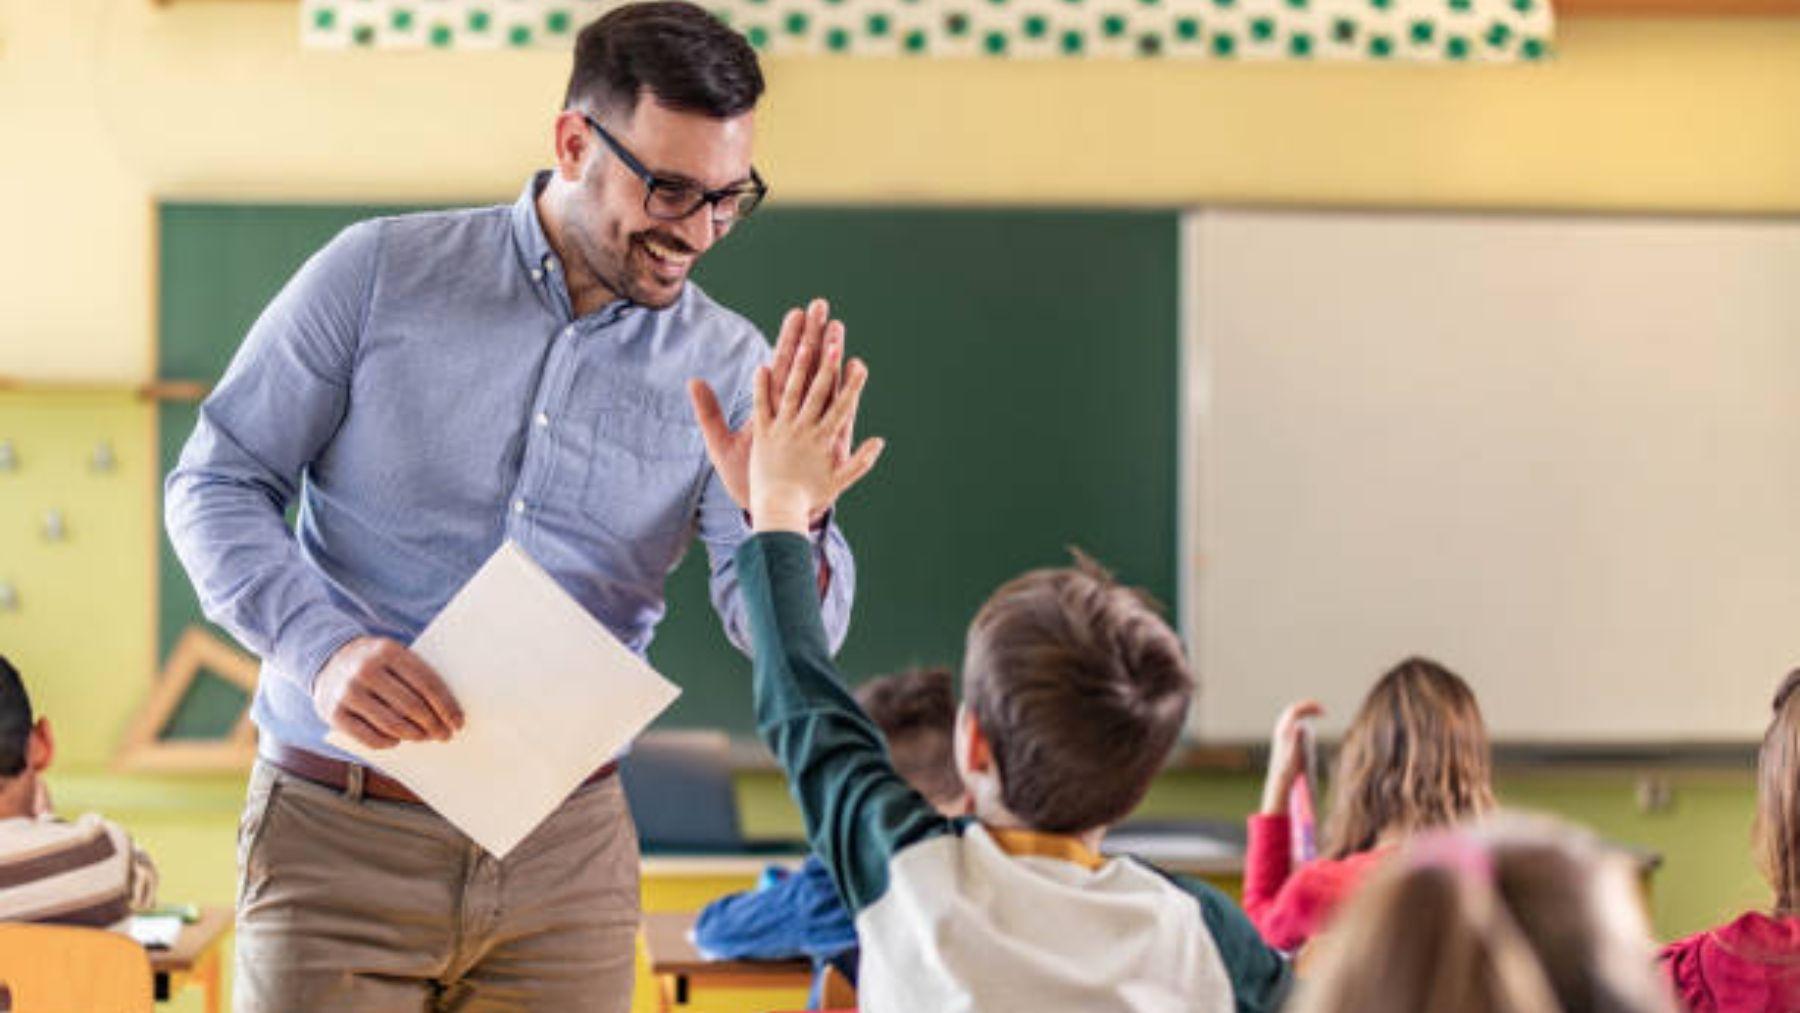 Descubre las mejores frases para dedicar a los profesores